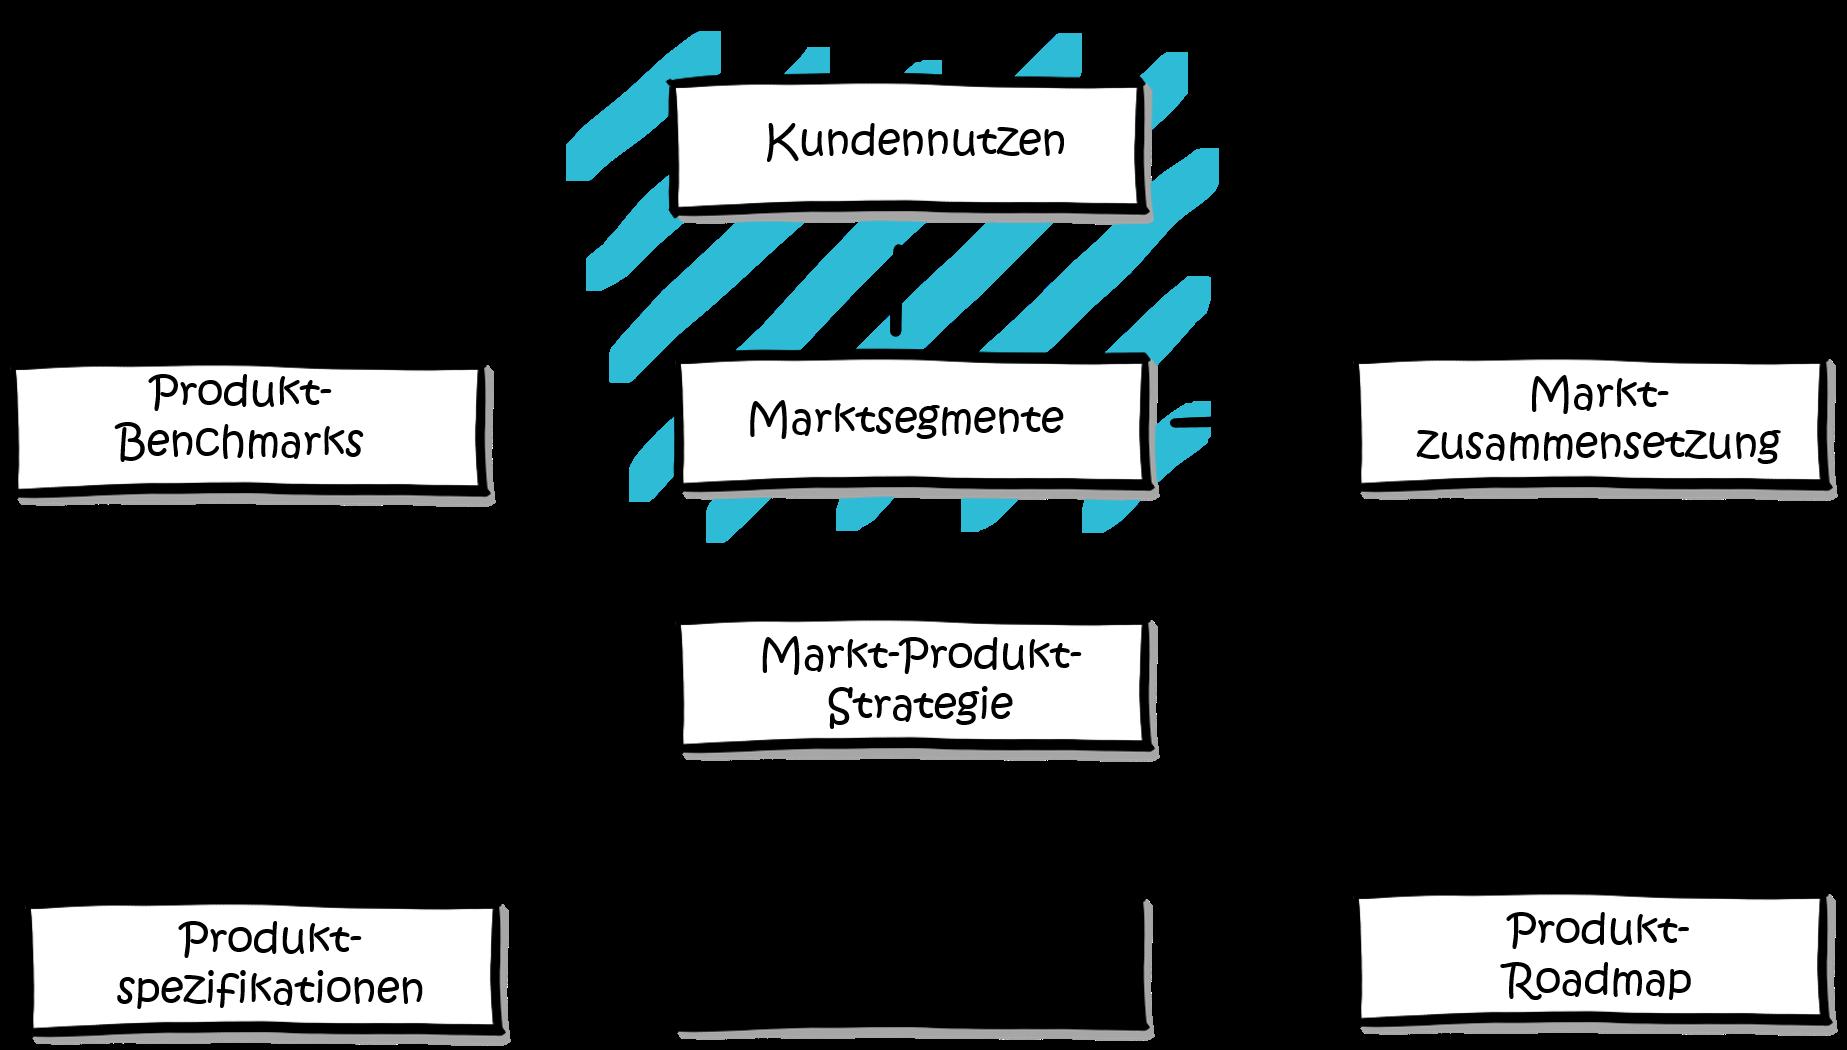 Modularisierung-Marktsegmente-Marktarchitektur